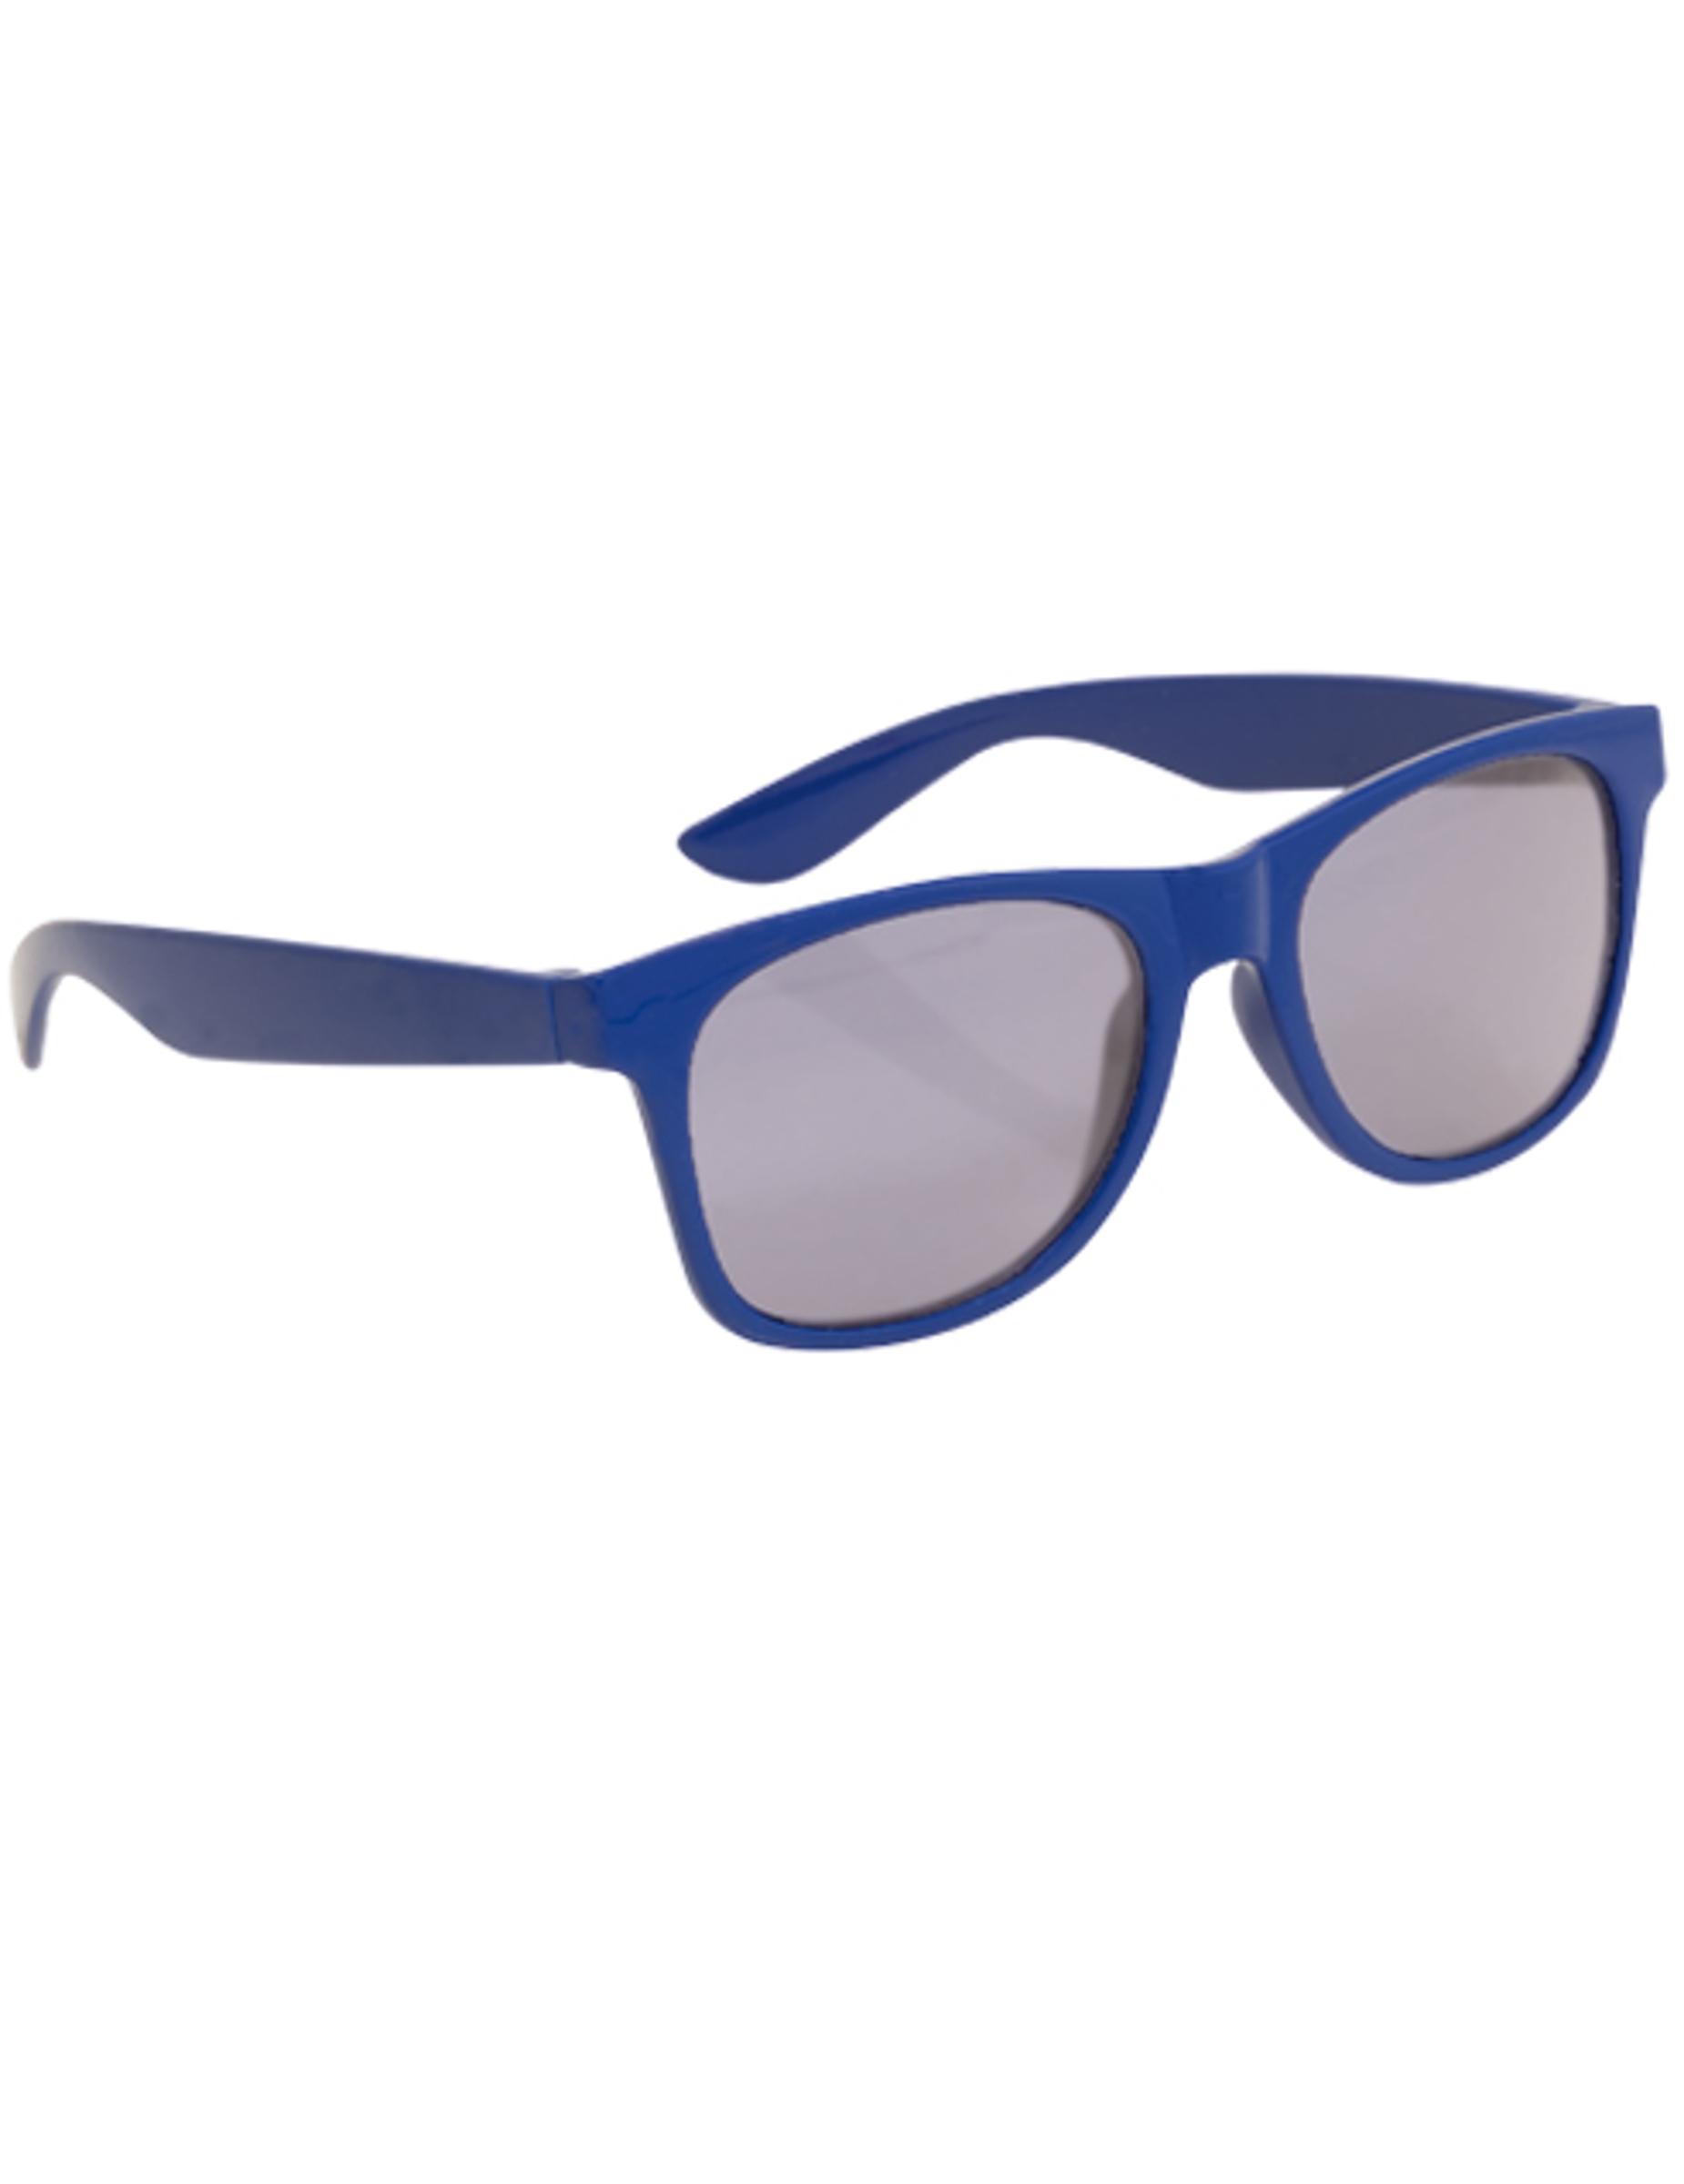 Sole Blu Da BambinoAccessori Carnevale e Vestiti Di Per Occhiali b6gy7f